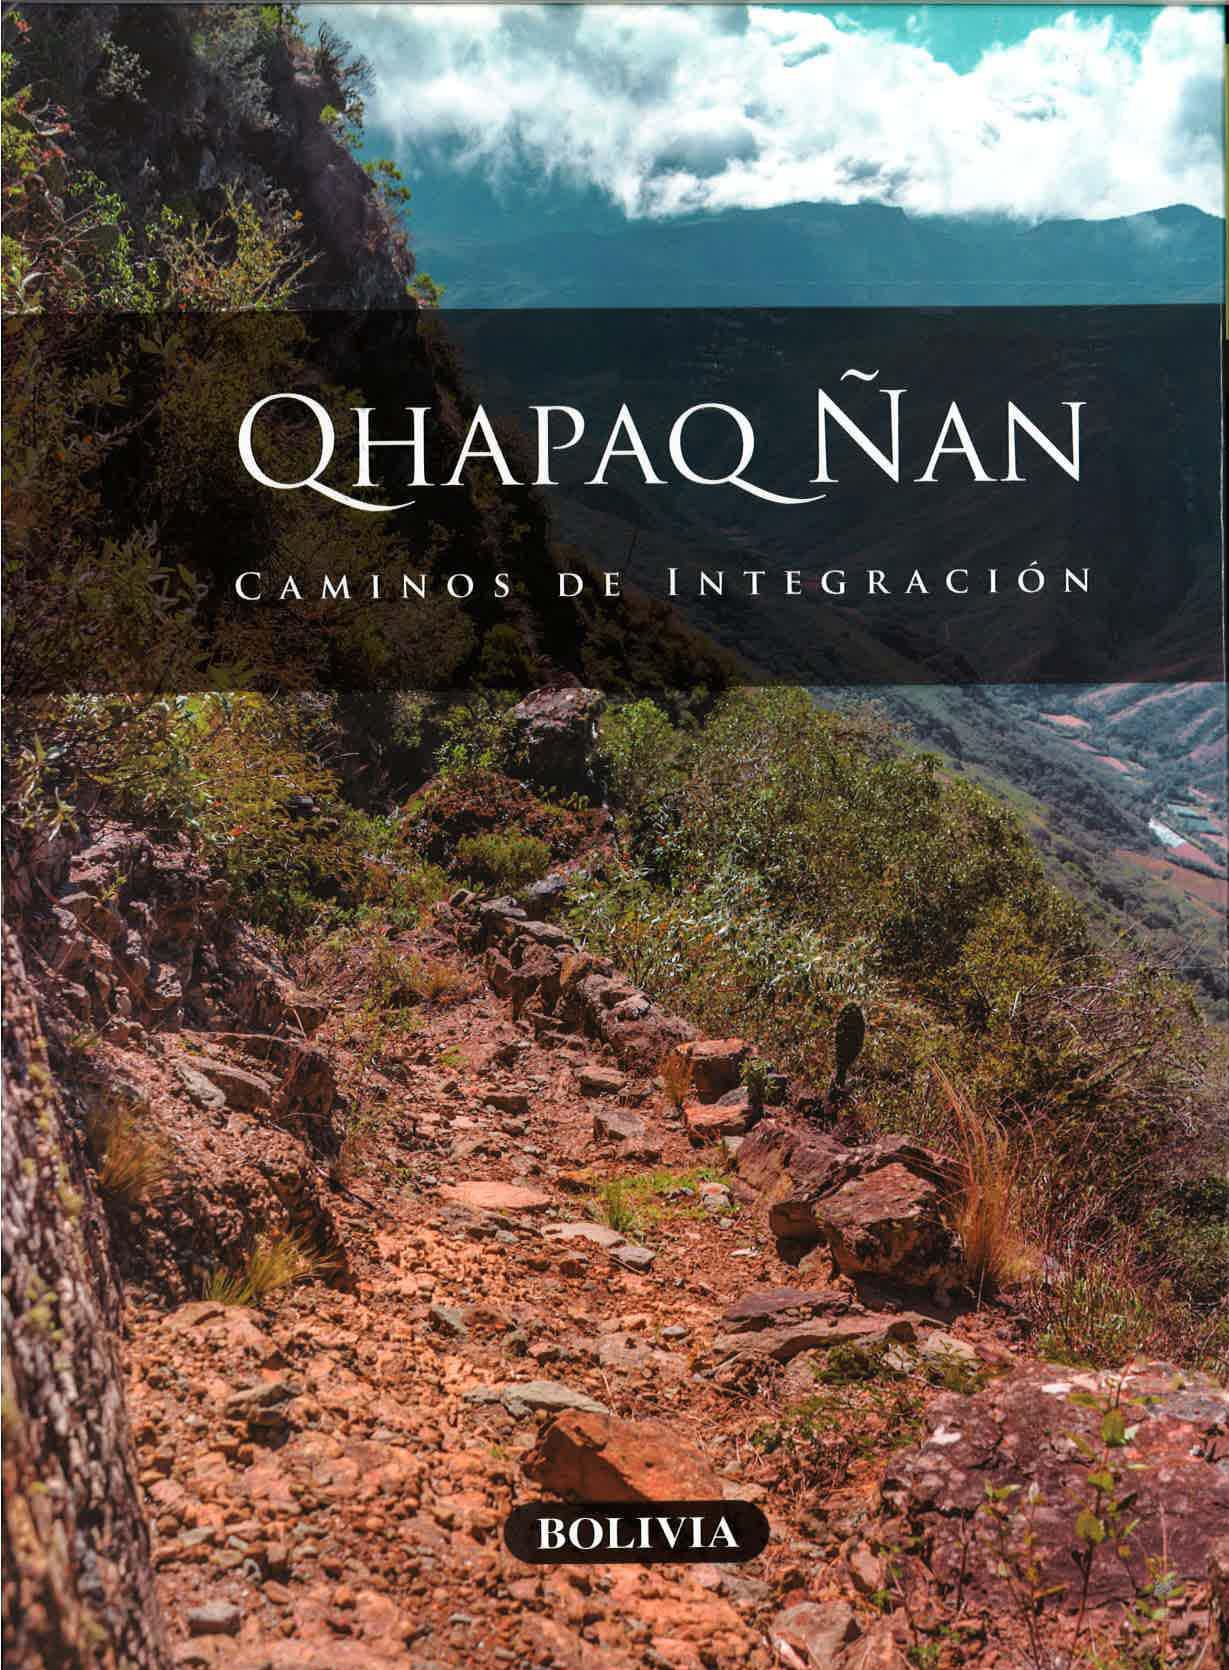 Quapac ñan. Caminos de la integracion